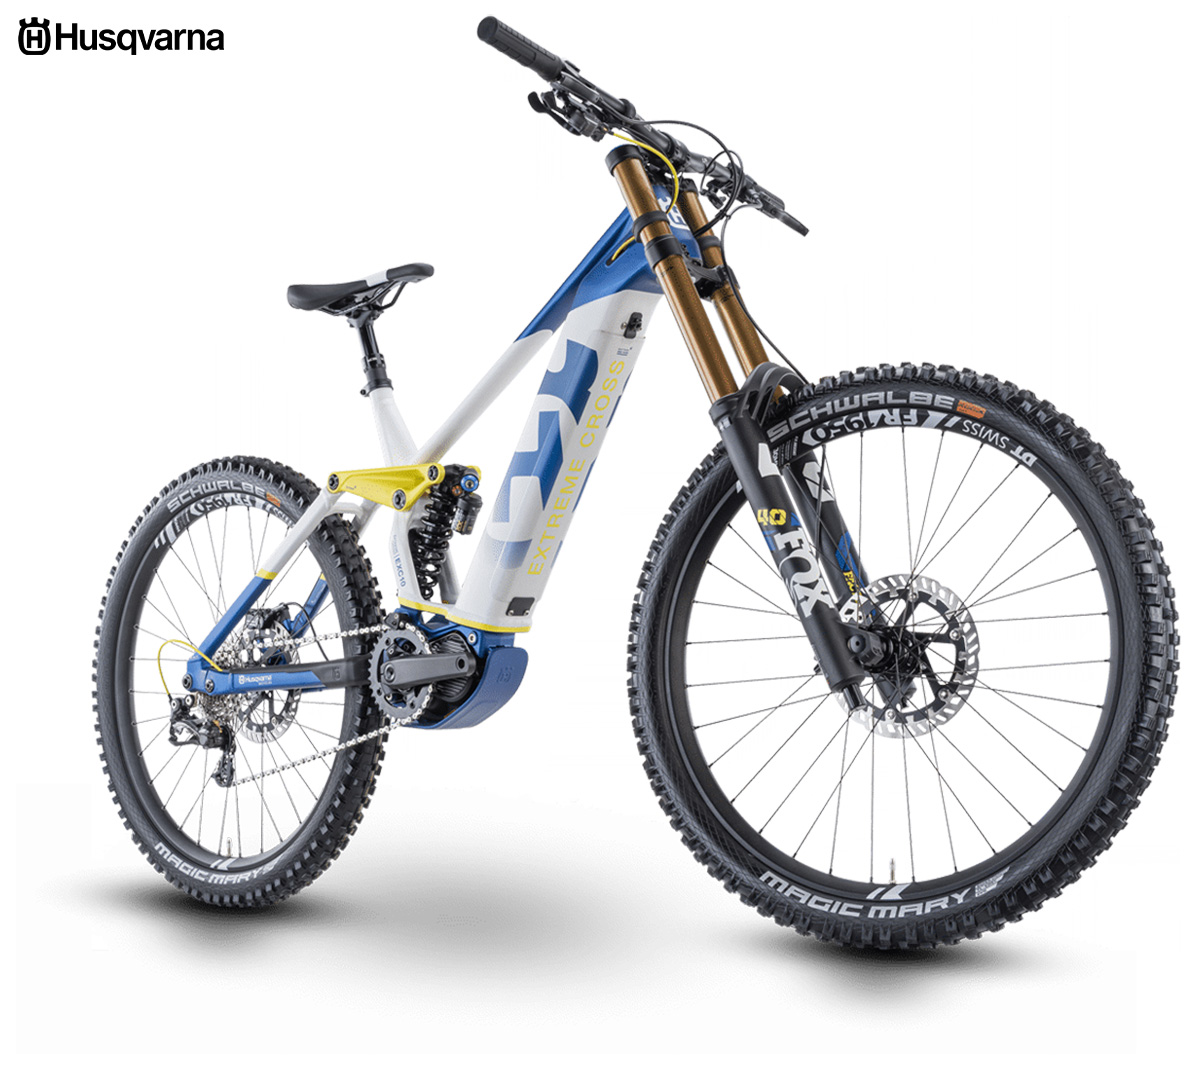 La nuova mountainbike elettrica Husqvarna Extreme Cross 10 2021 vista di tre quarti